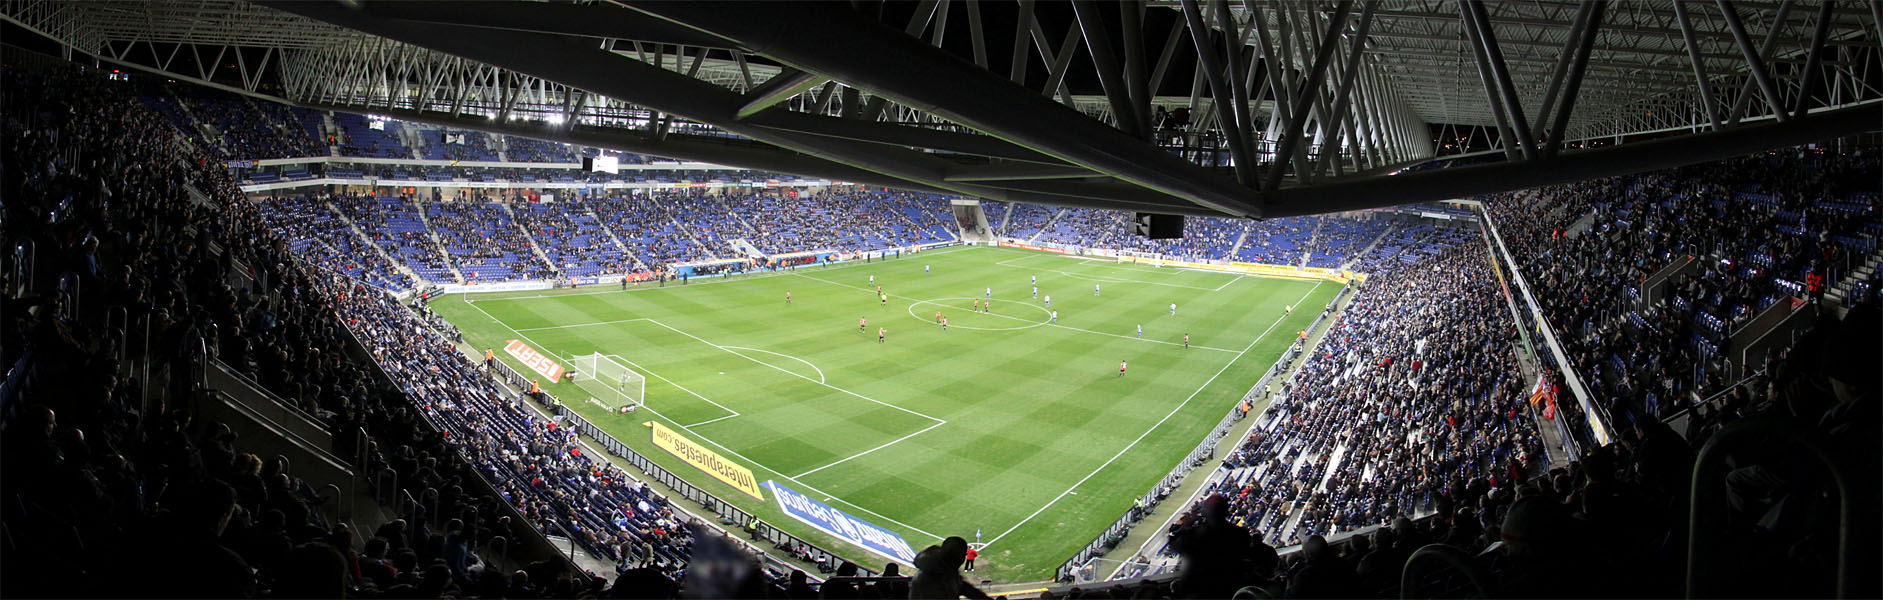 Fotos estadio rcd espanyol 93